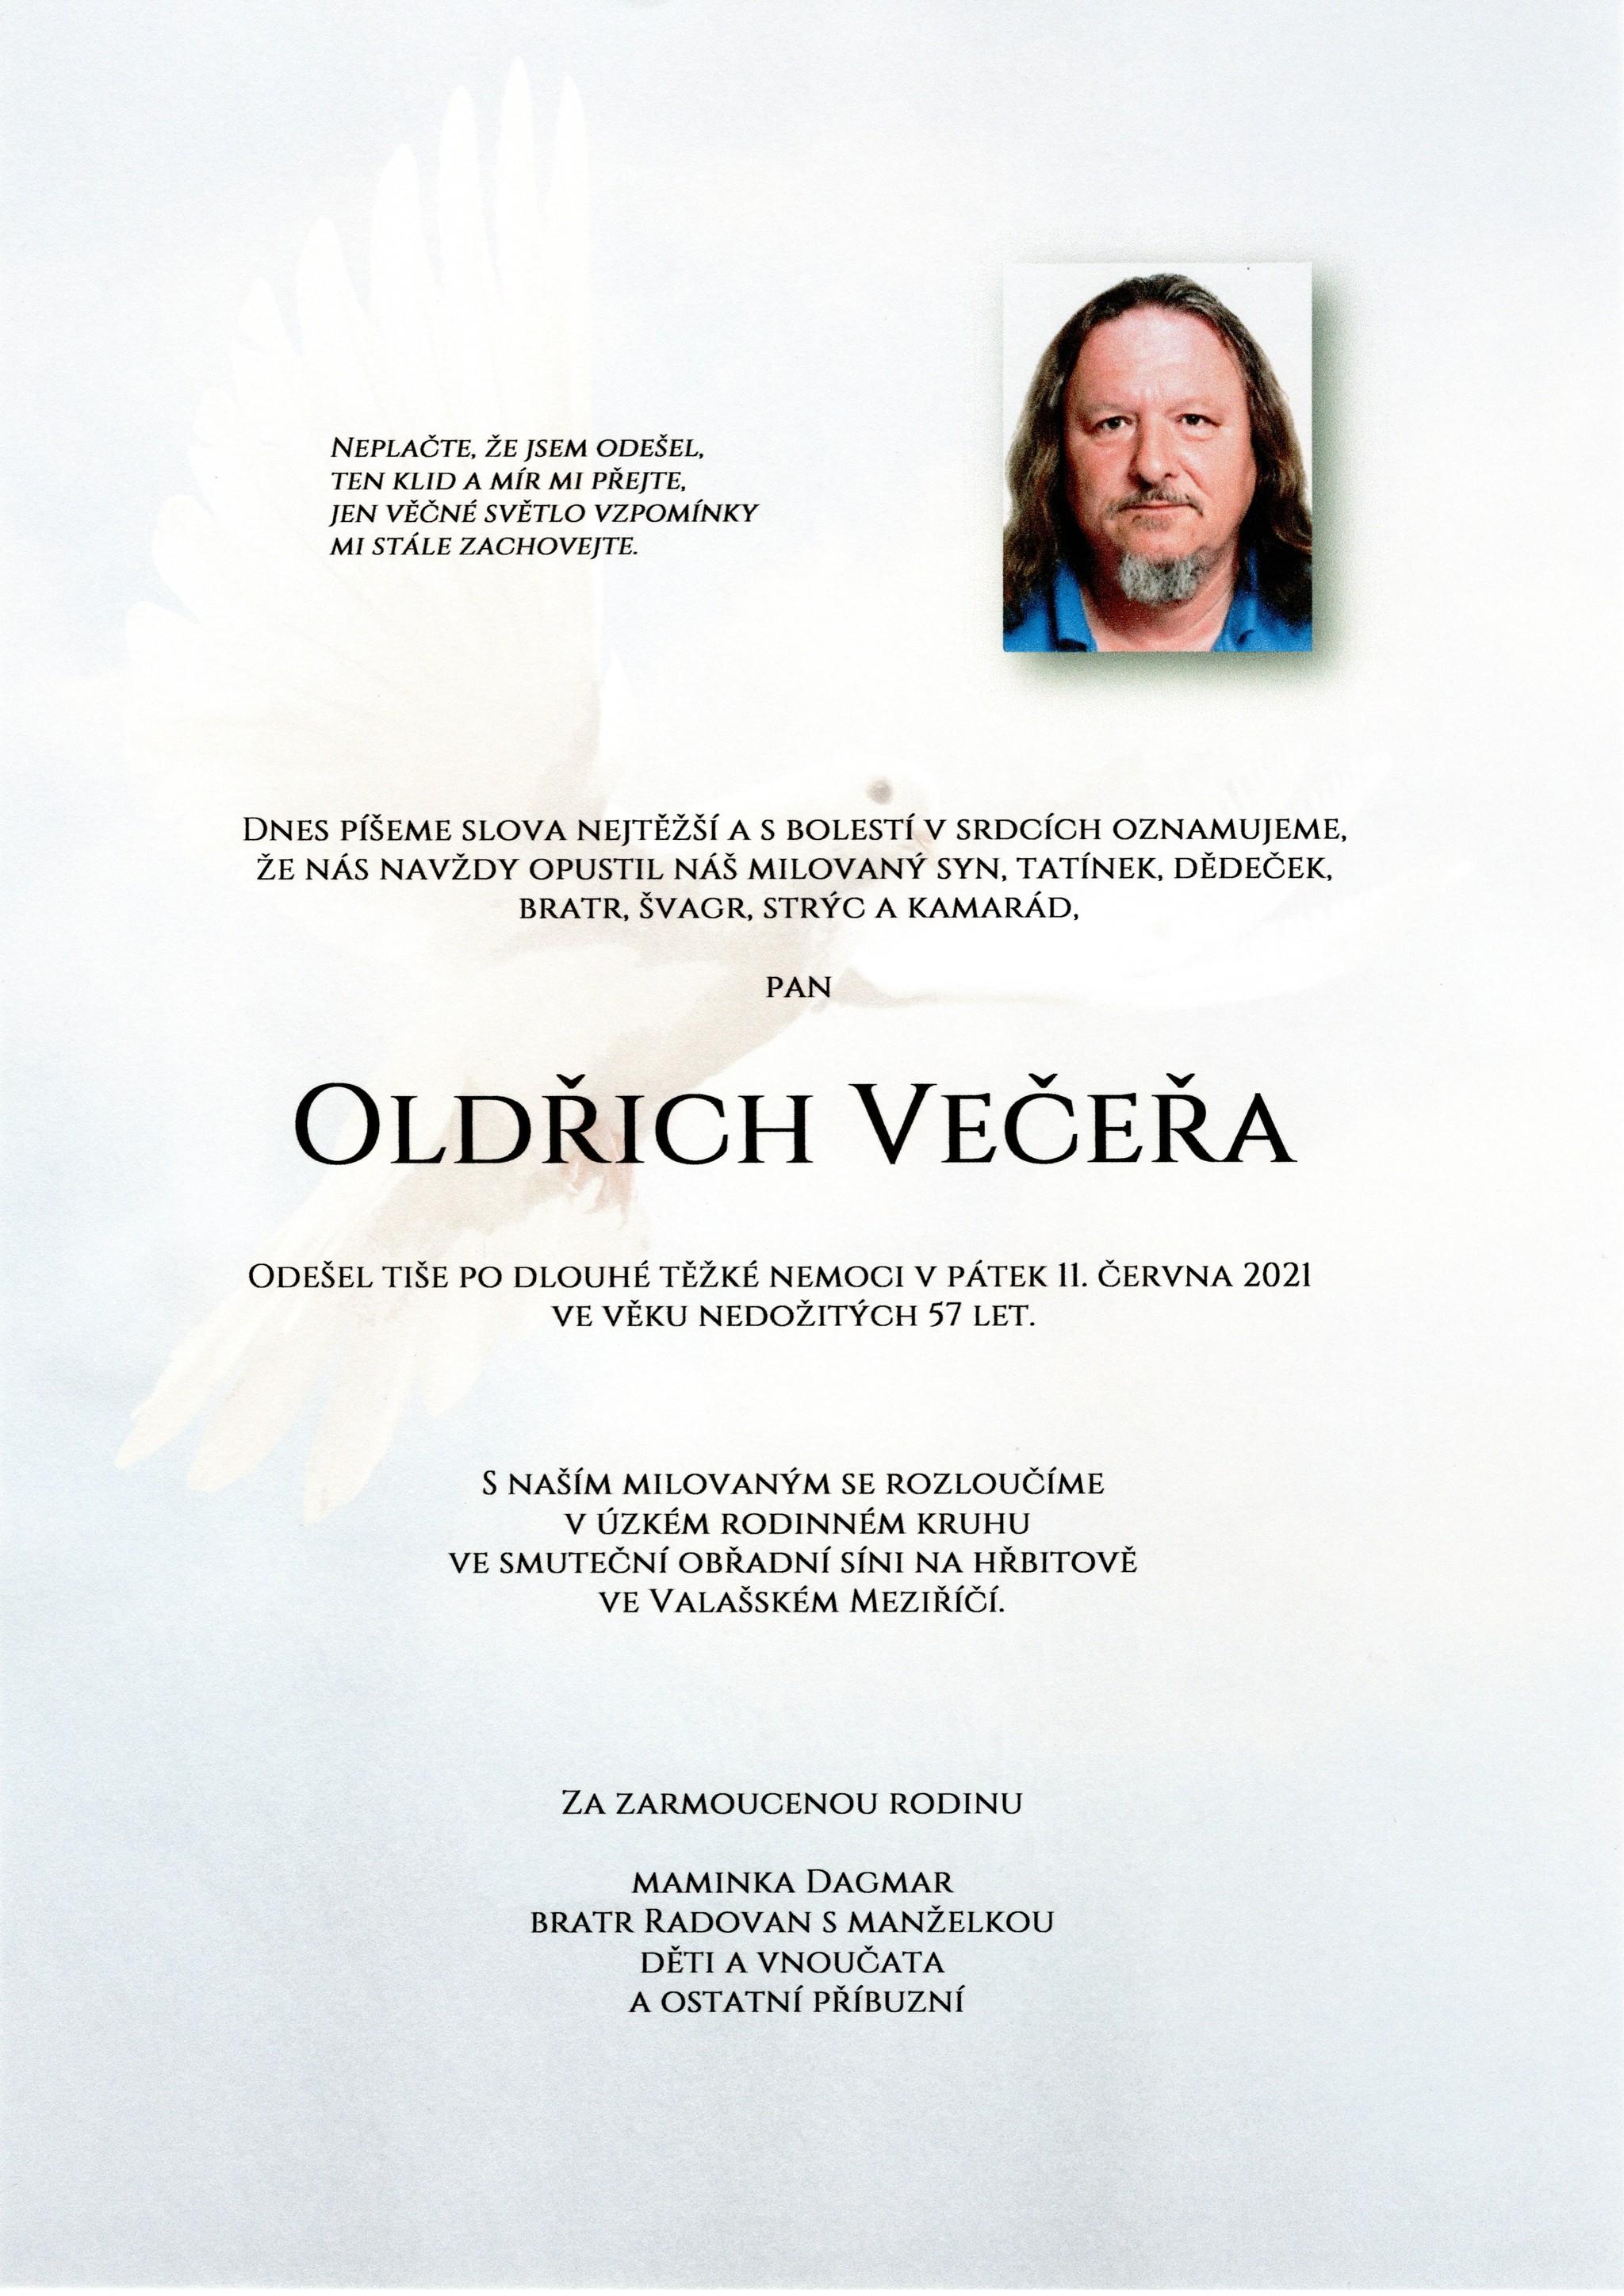 Oldřich Večeřa